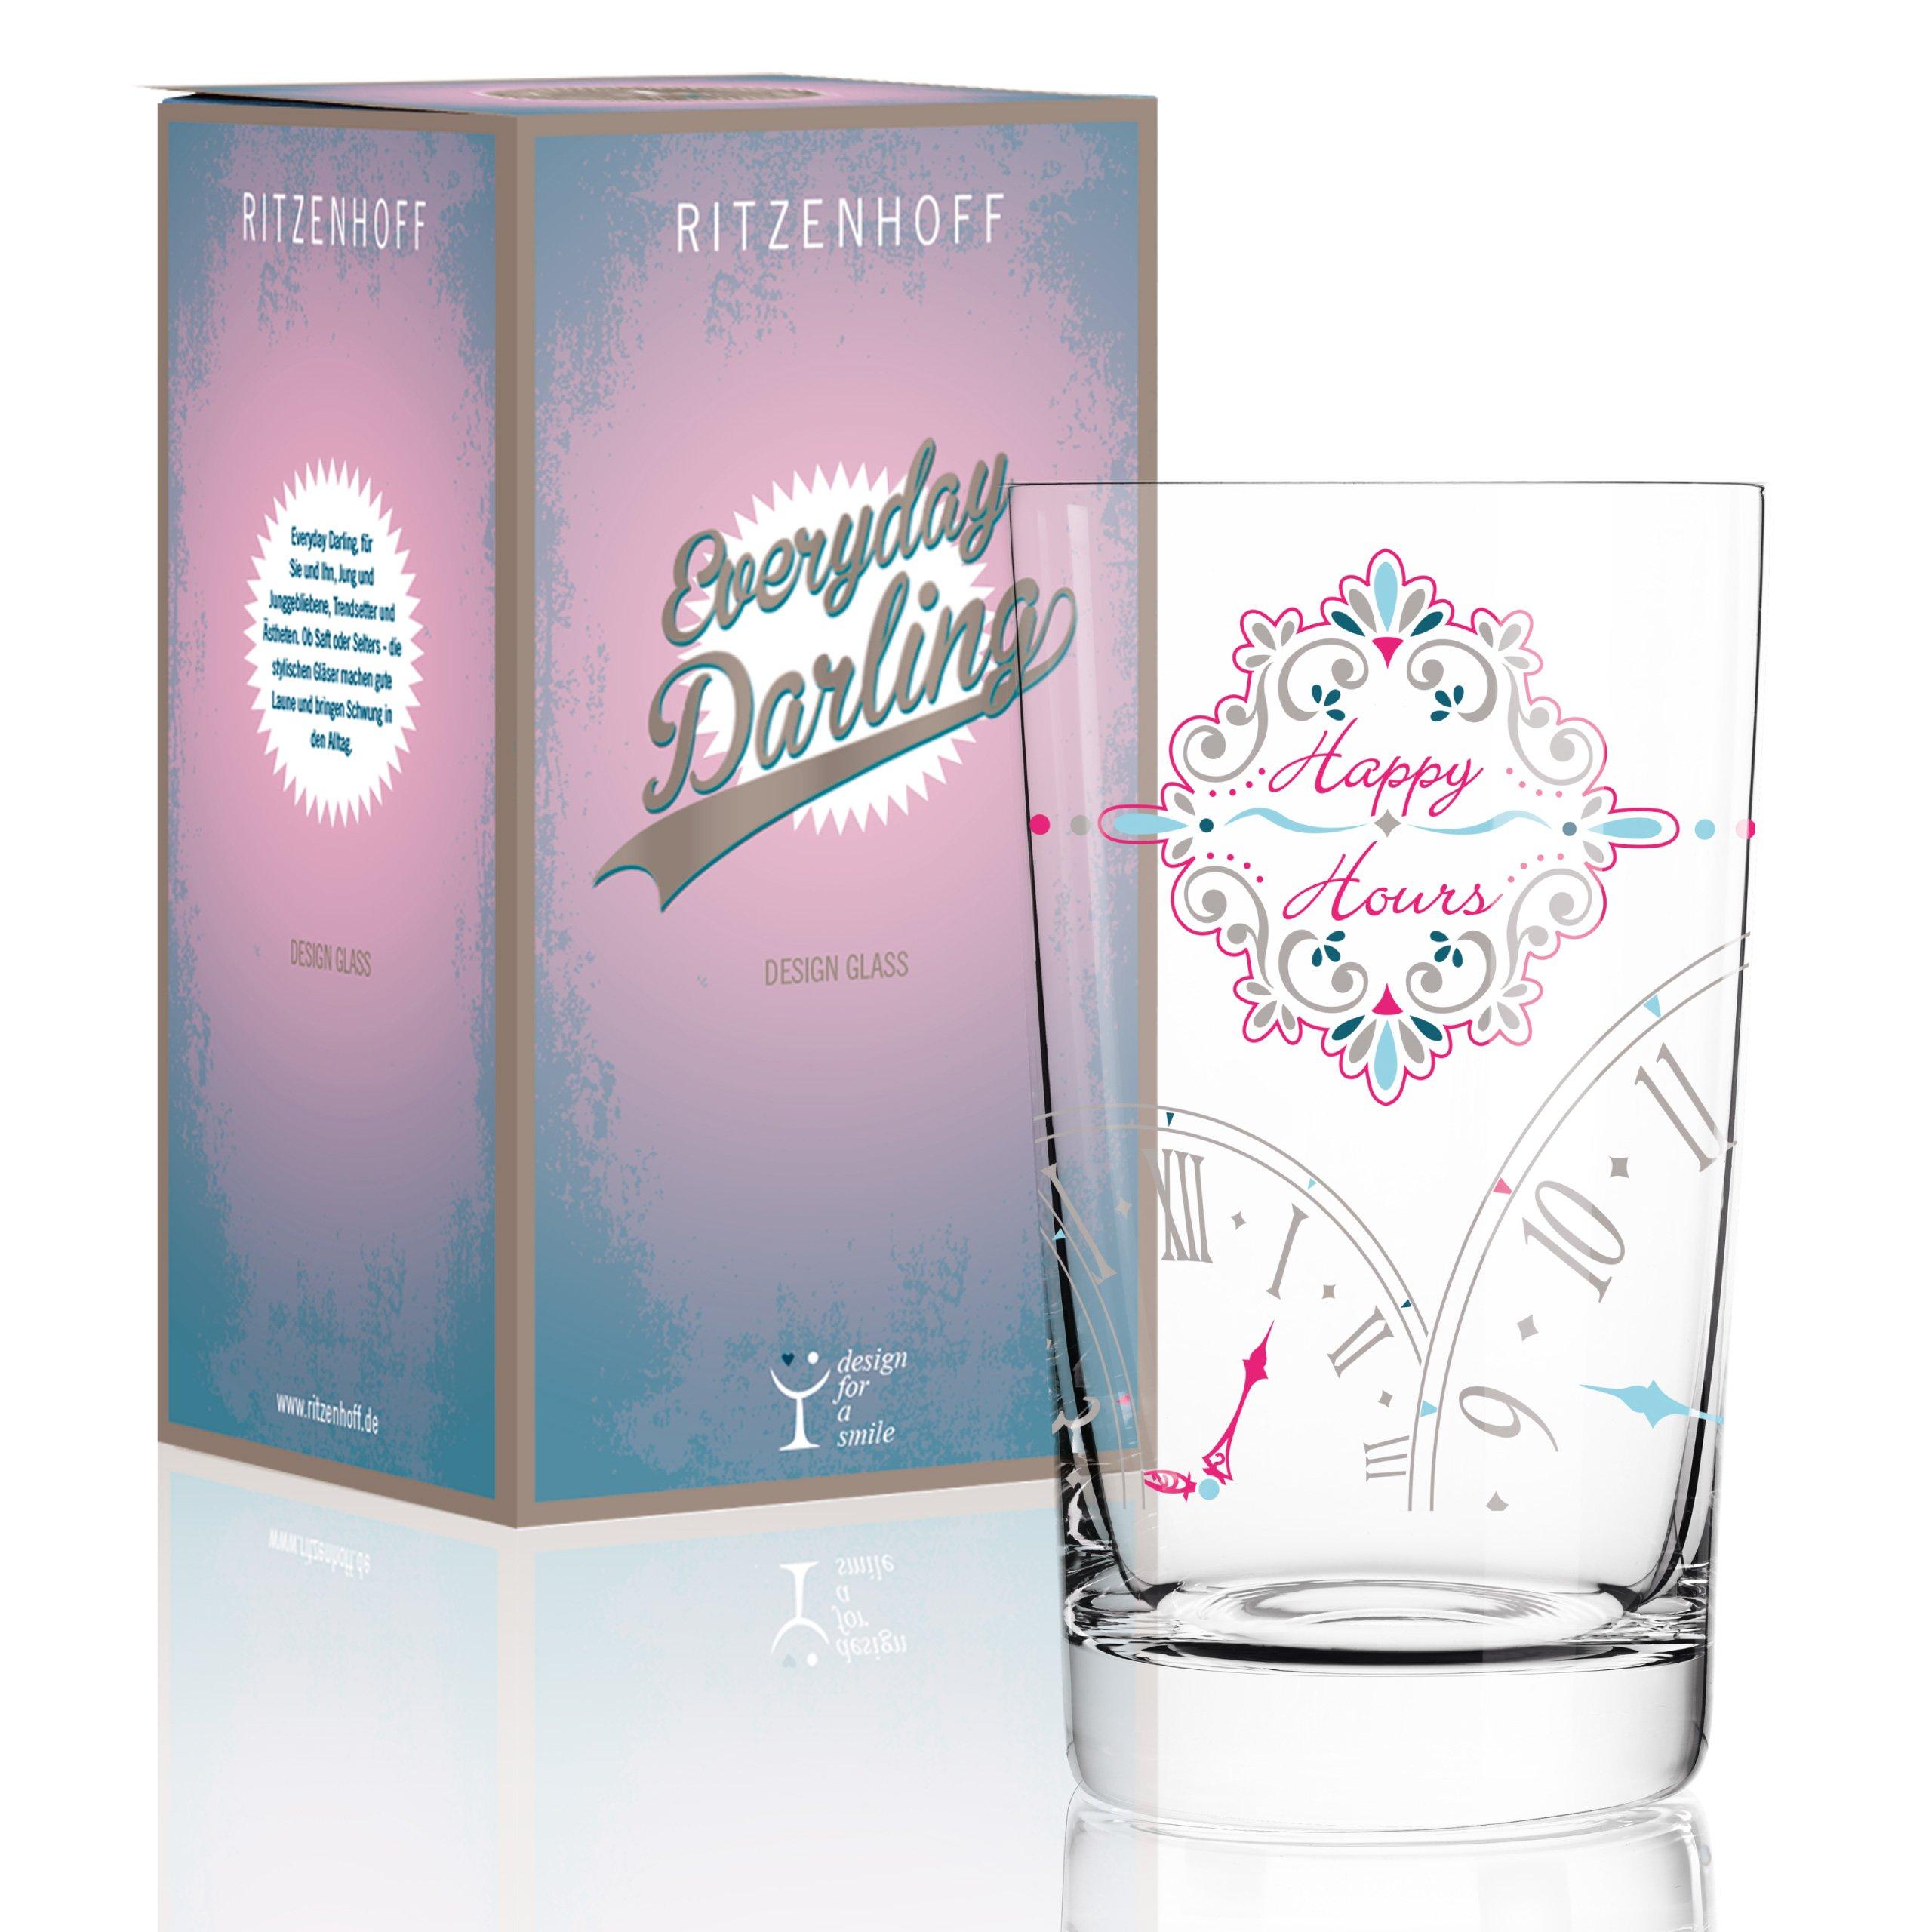 Ritzenhoff Everyday Darling Softdrinkglas, Crystal, grau/rosa/Petrol, 7.3 x 7.3 x 12.7 cm